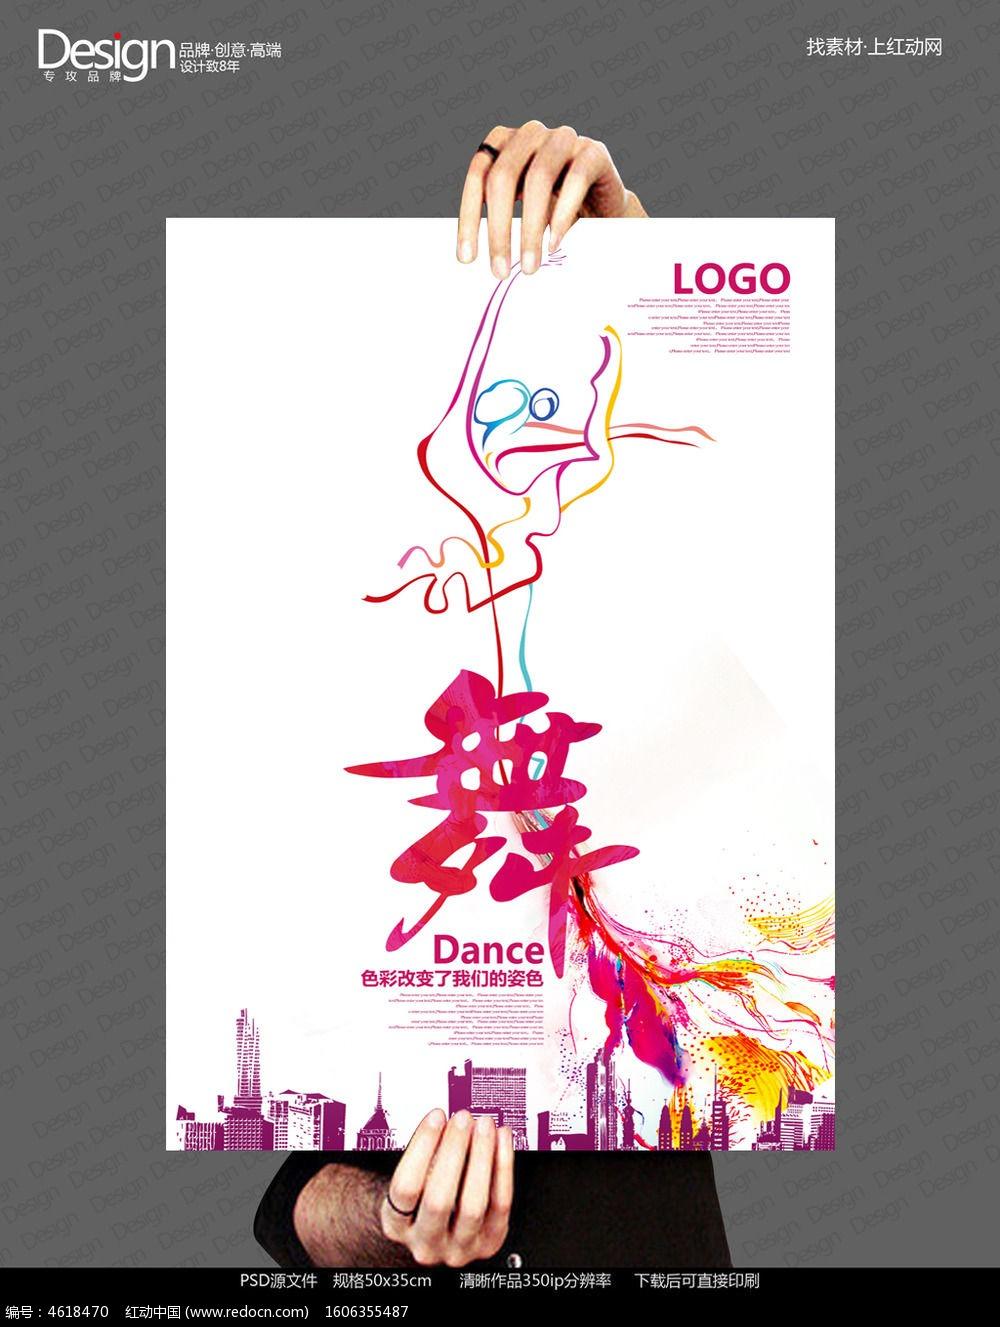 简约创意舞蹈比赛海报设计图片